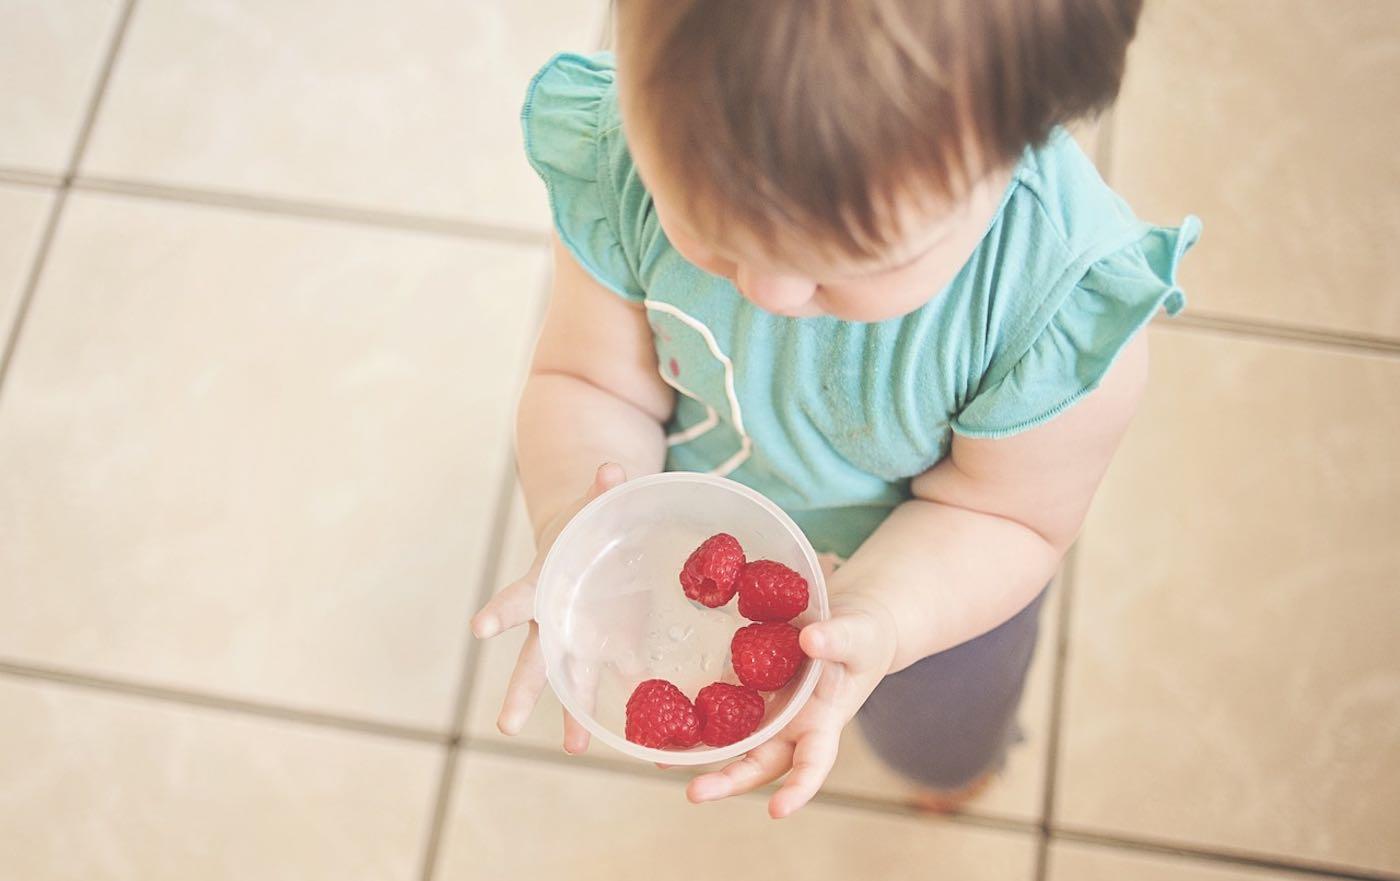 pesquisa crianças altruísmo 2